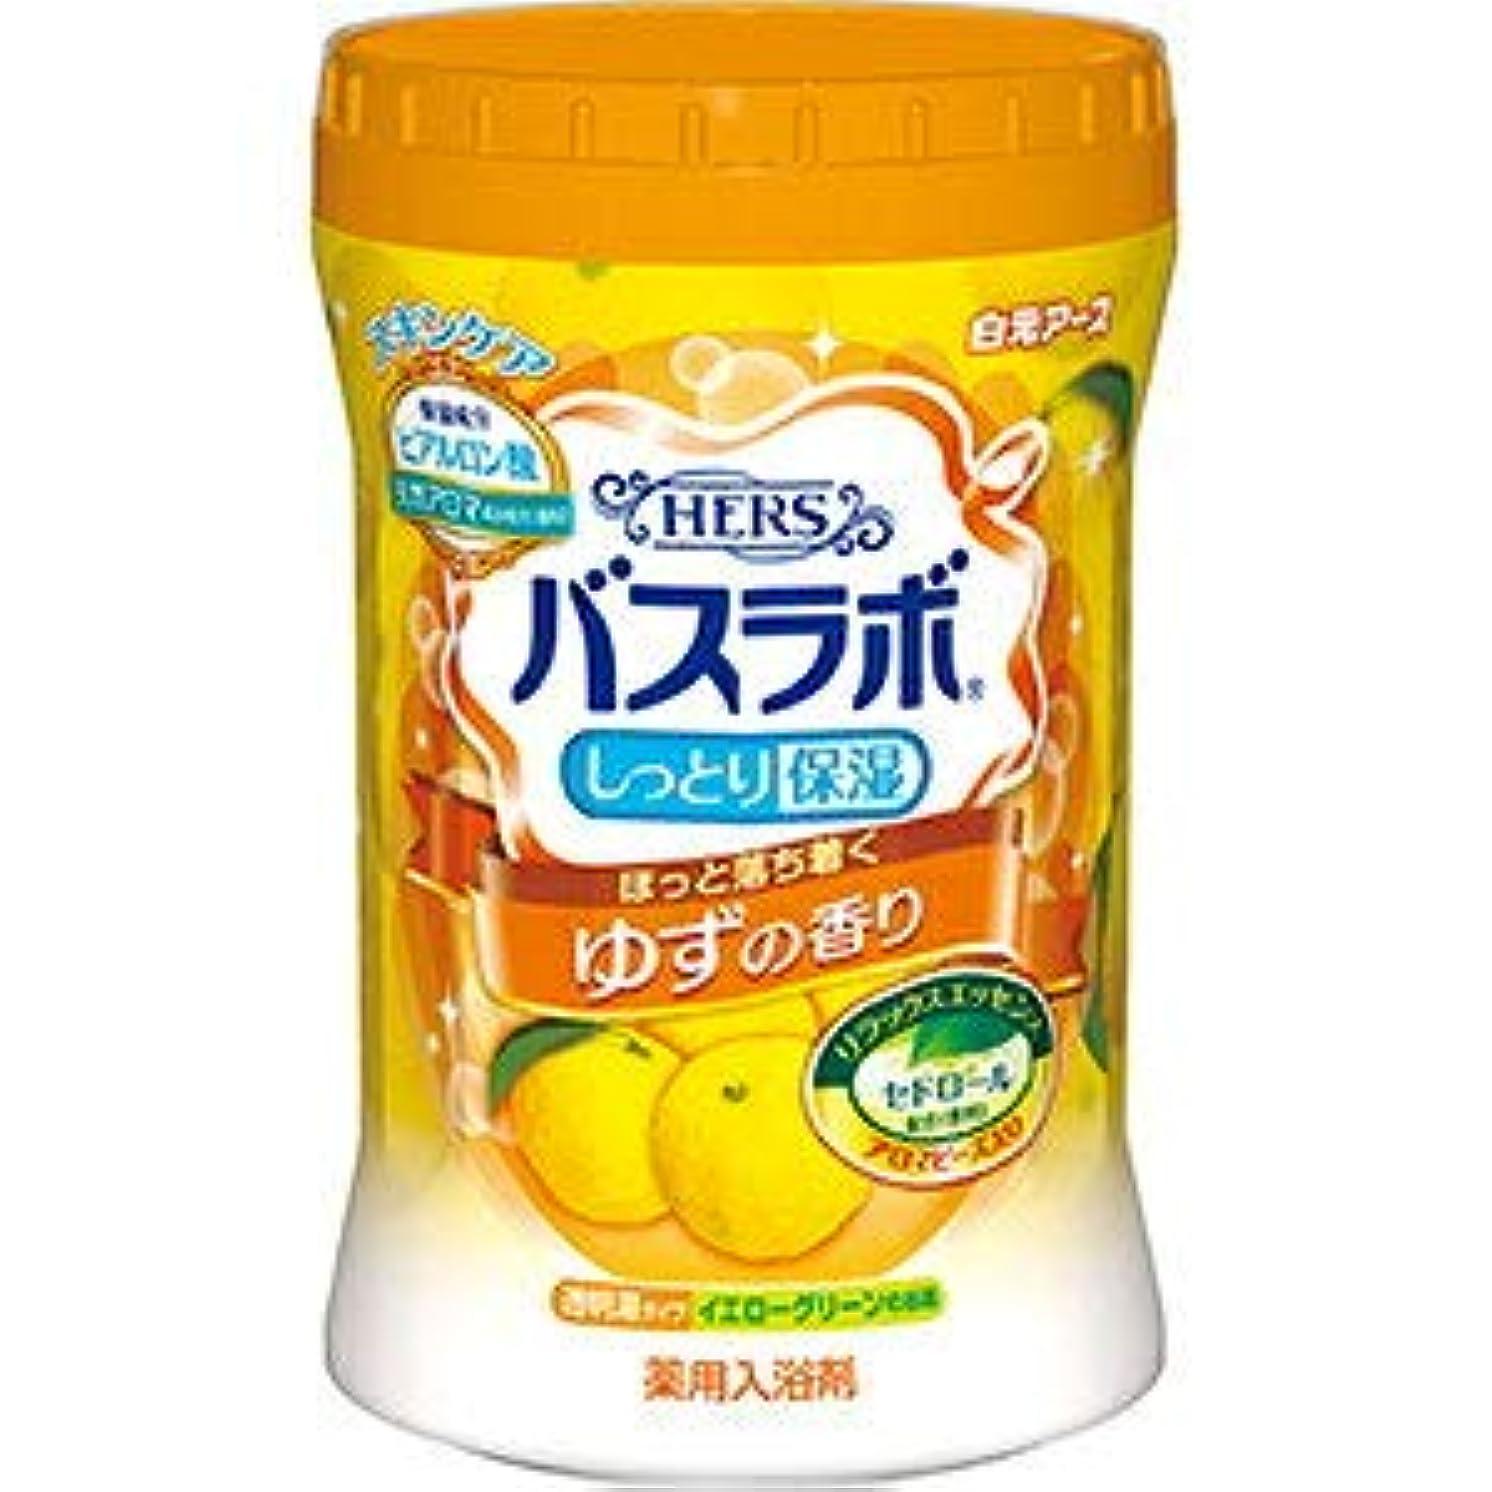 白元 HERSバスラボ しっとり保湿 薬用入浴剤 ゆずの香り 680g [医薬部外品] 1ケース15個